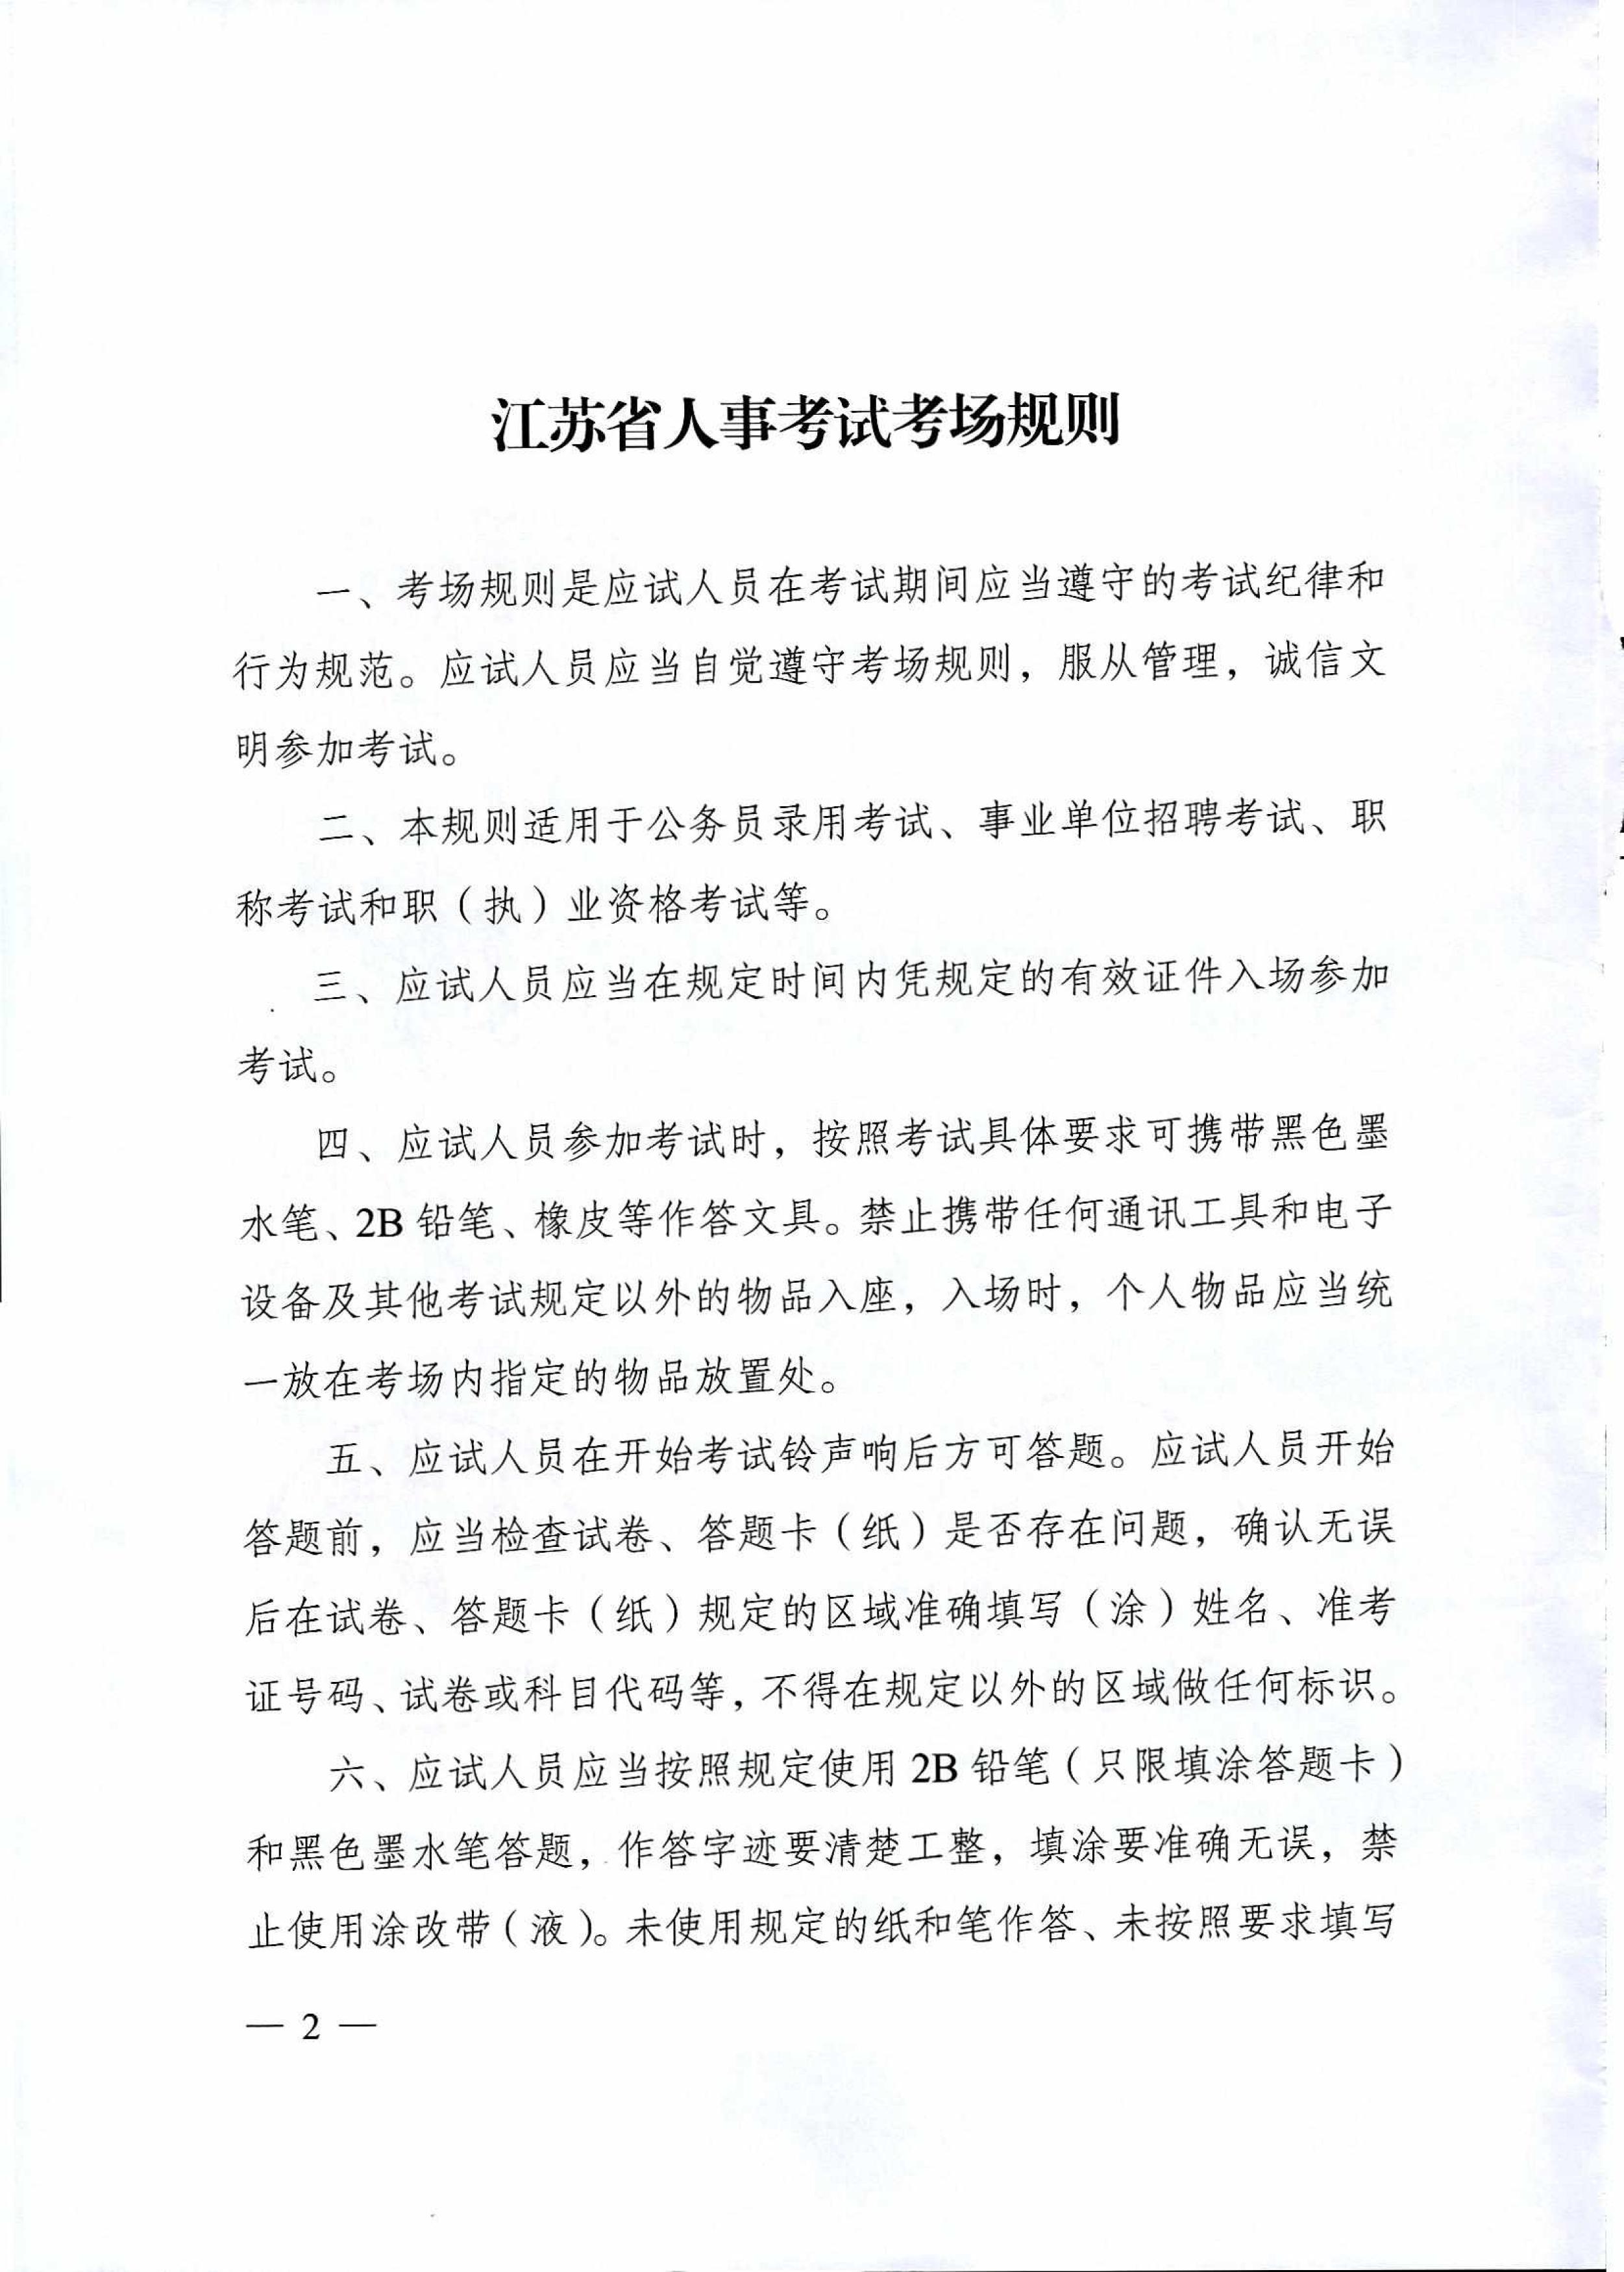 江苏公务员考试考场规则2